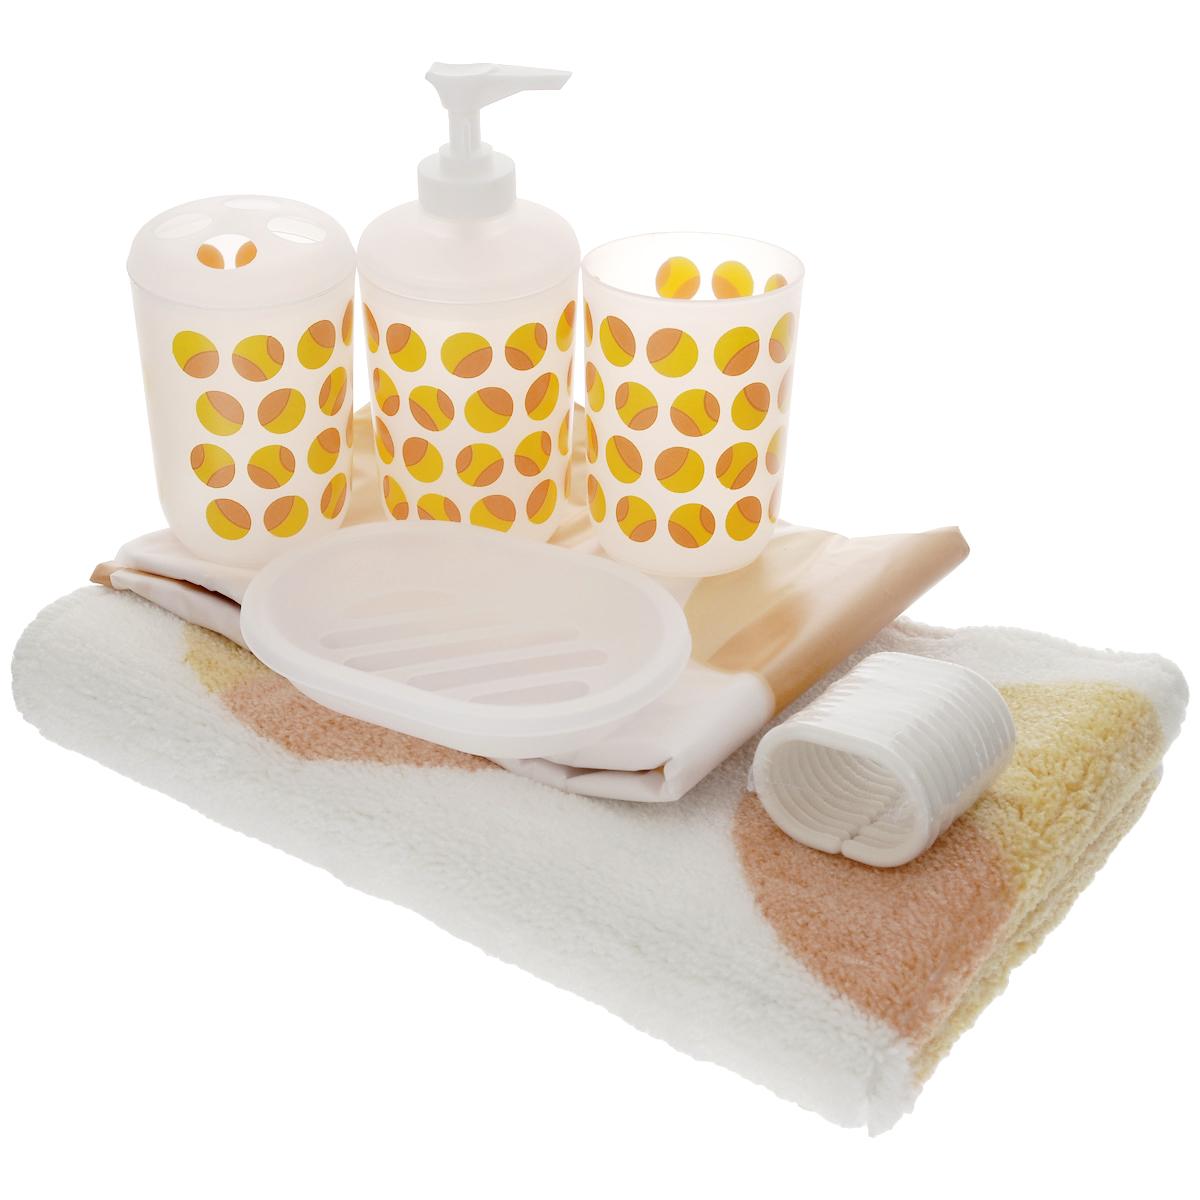 Набор для ванной House & Holder, цвет: белый, оранжевый, 6 предметовSWYS044Набор для ванной комнаты House & Holder состоит из держателя для зубных щеток, стакана для пасты, дозатора для жидкого мыла, мыльницы, коврика и шторы для ванной с 12 кольцами. Держатель, стакан и дозатор изготовлены из пластика и декорированы ярким принтом. Пластиковая мыльница оснащена отверстиями для стекания воды. Коврик изготовлен из мягкого плотного ворса, который не даст замерзнуть ногам. Основание коврика предотвращает скольжение его по полу. Шторка выполнена из водоотталкивающего полимерного материала. Кольца для шторки изготовлены из пластика. Набор House & Holder станет отличным подарком на праздник. Диаметр стакана (по верхнему краю): 7 см. Высота стакана: 9,7 см. Диаметр держателя для зубных щеток (по верхнему краю): 7 см. Высота держателя для зубных щеток: 11 см. Размер дозатора: 7 см х 7 см х 16 см. Размер мыльницы: 13,2 см х 9 см х 2,5 см. Размер шторы: 180 см х 180 см. Размер коврика:...